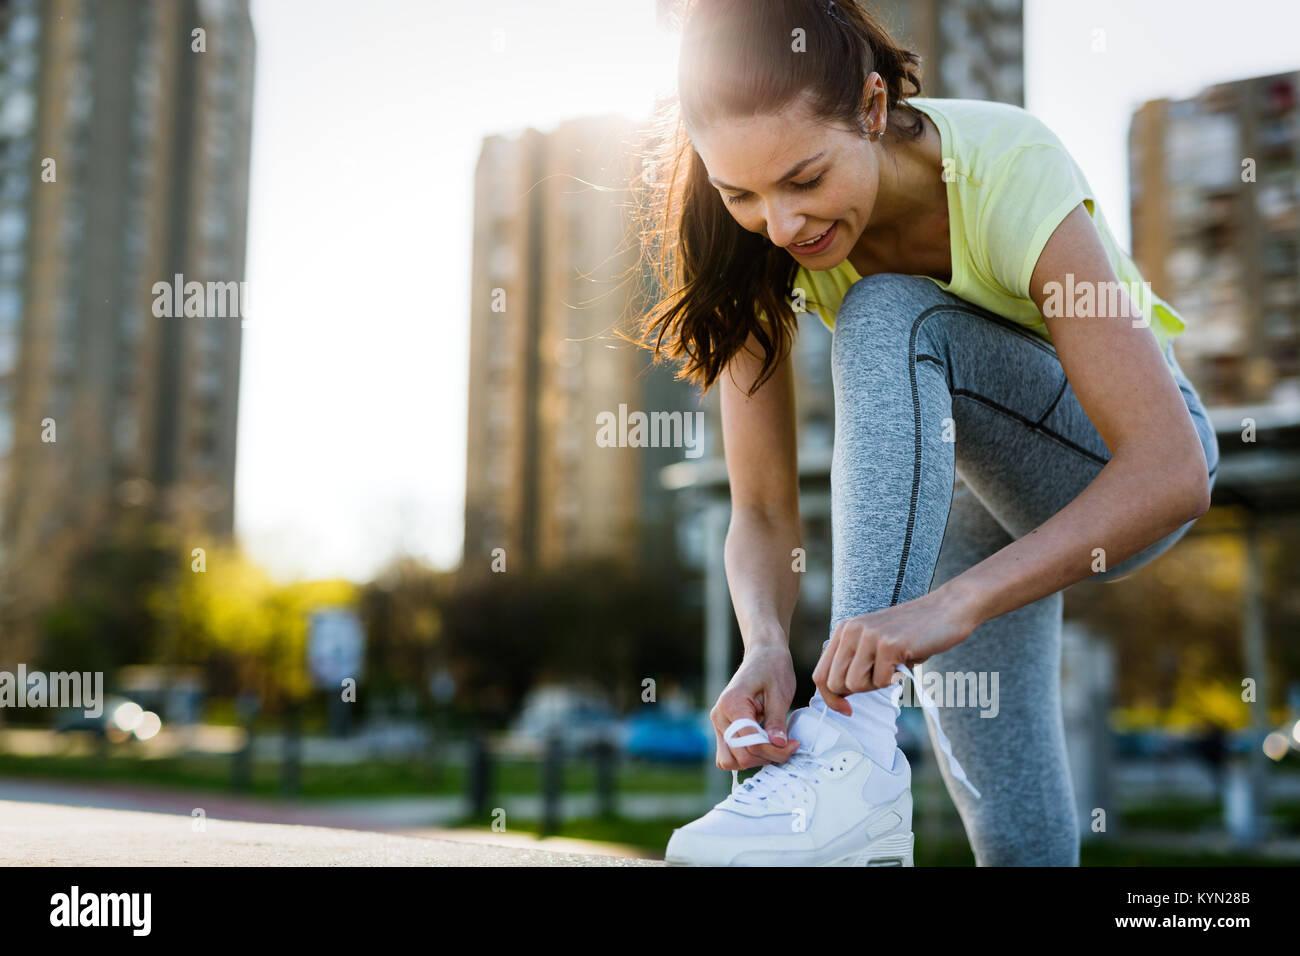 Attacher les lacets de la sportive intéressante et se préparer pour la remise en forme Photo Stock